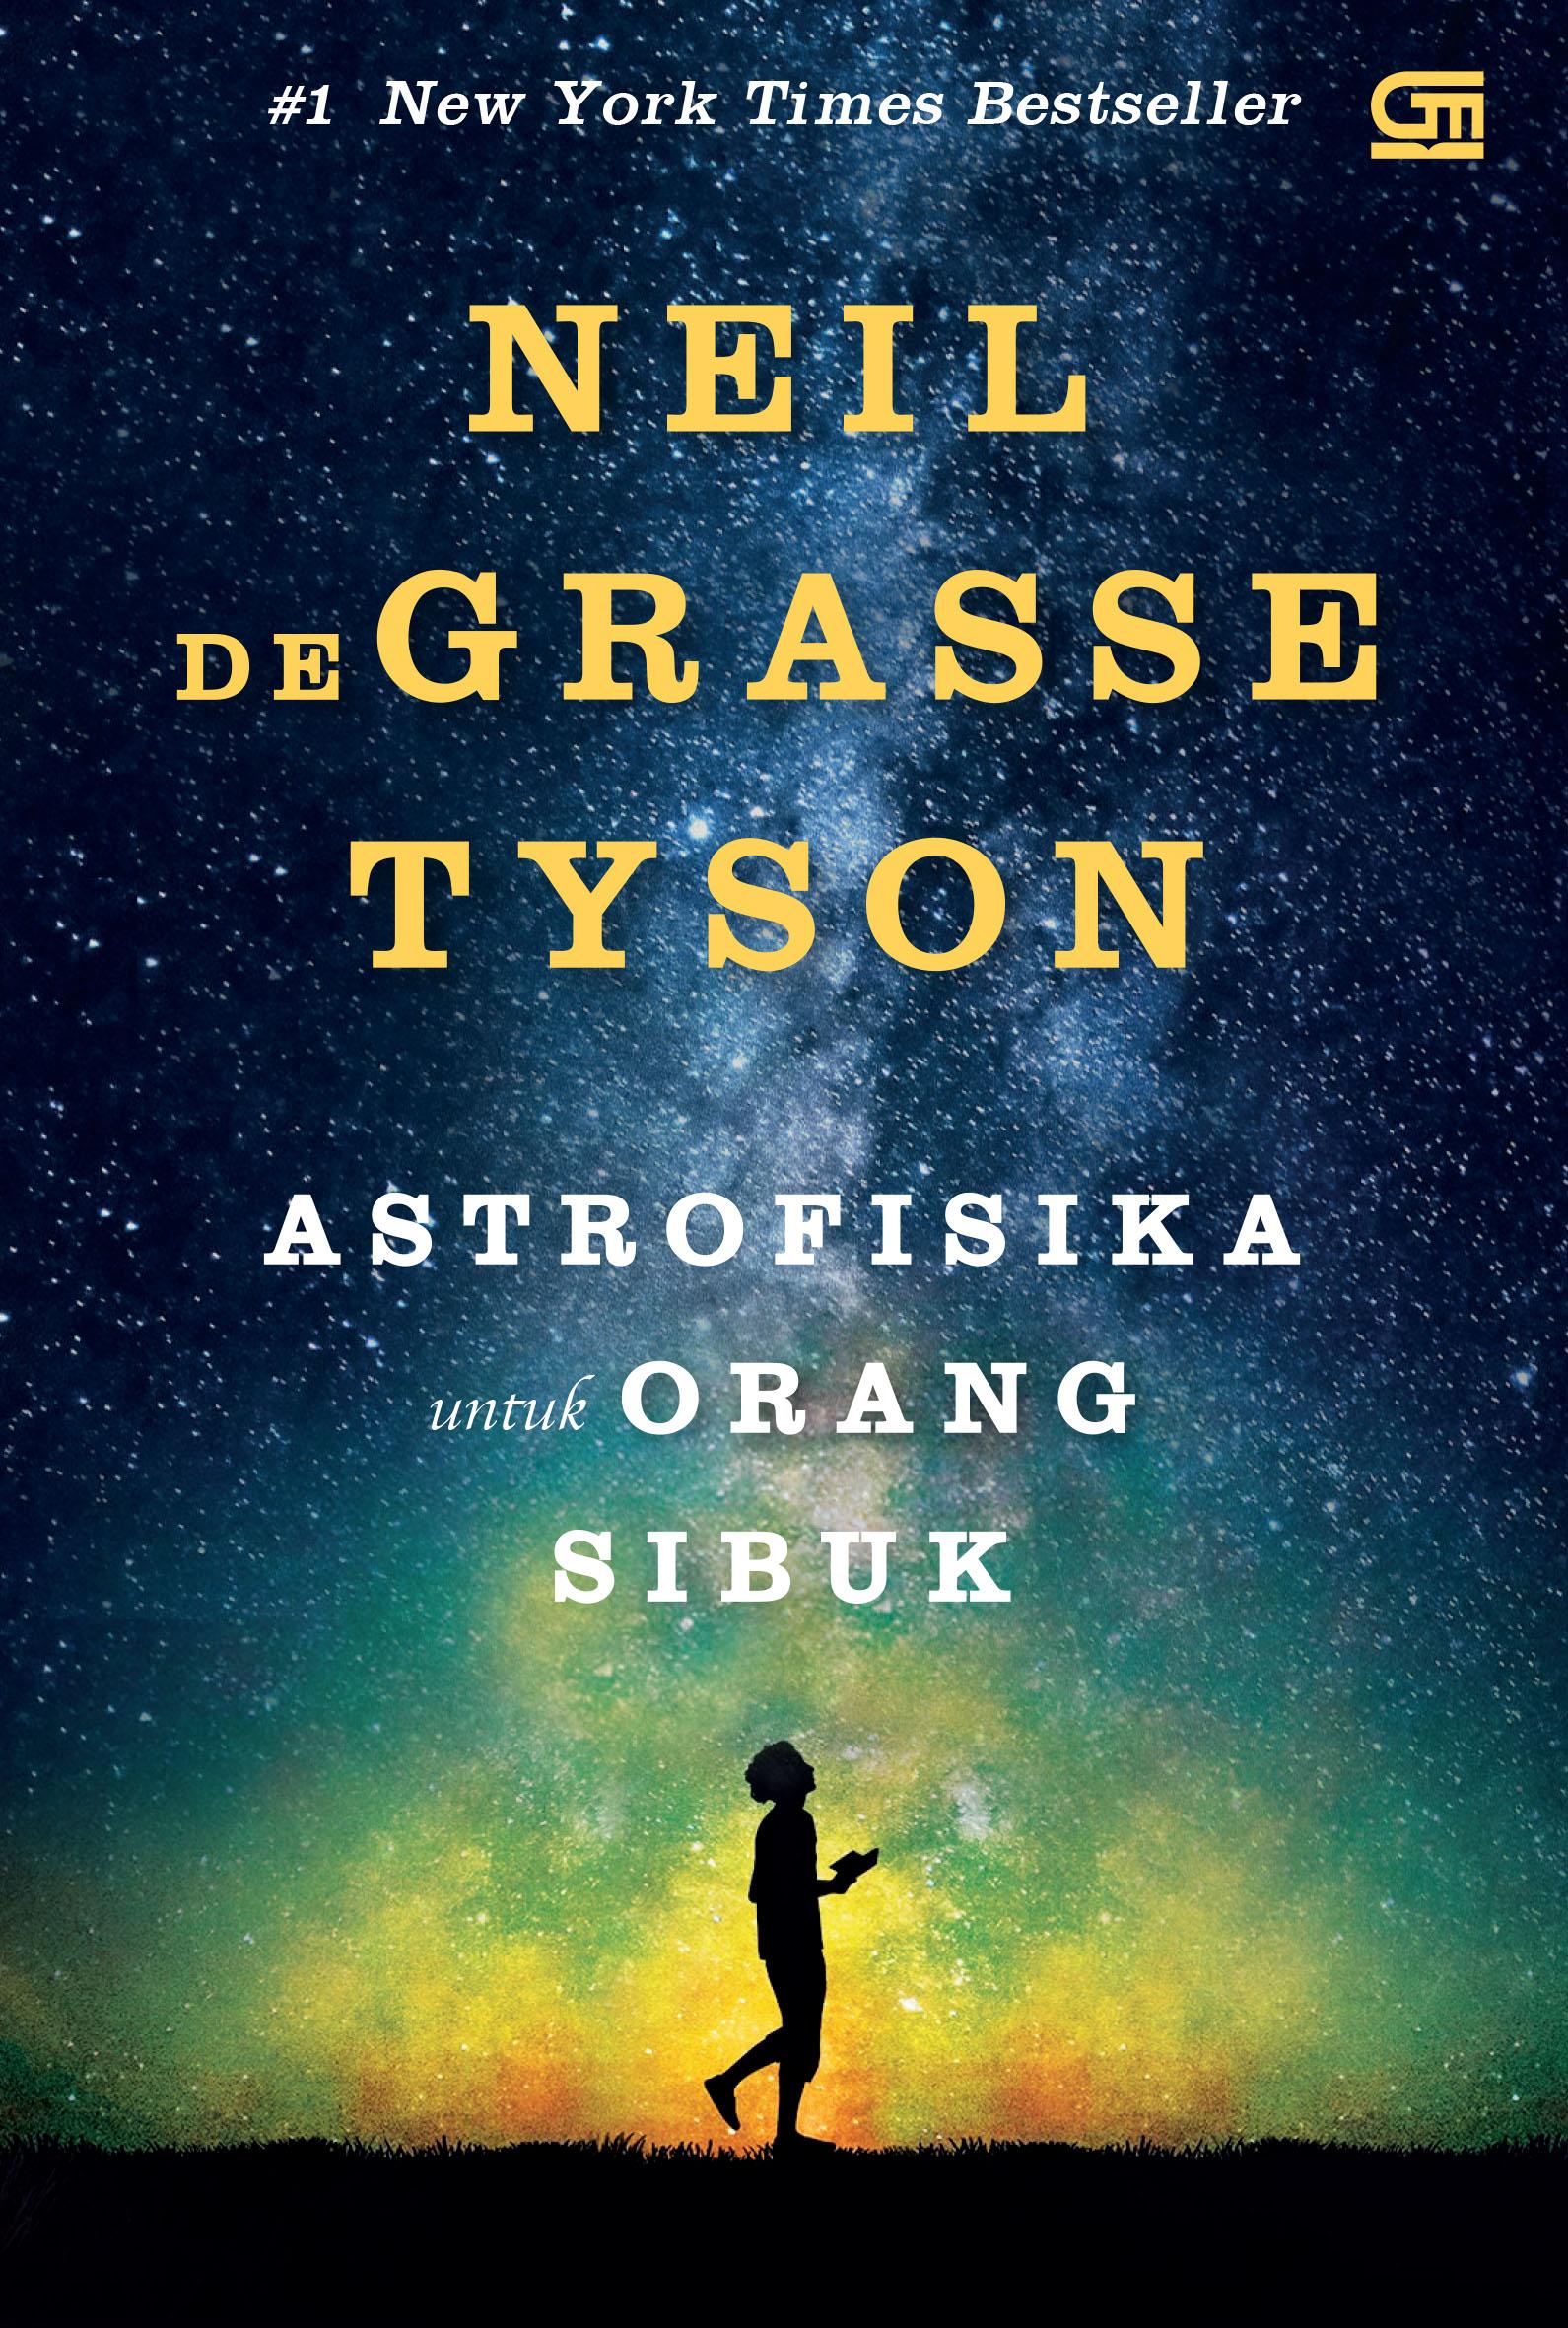 Astrofisika untuk Orang Sibuk